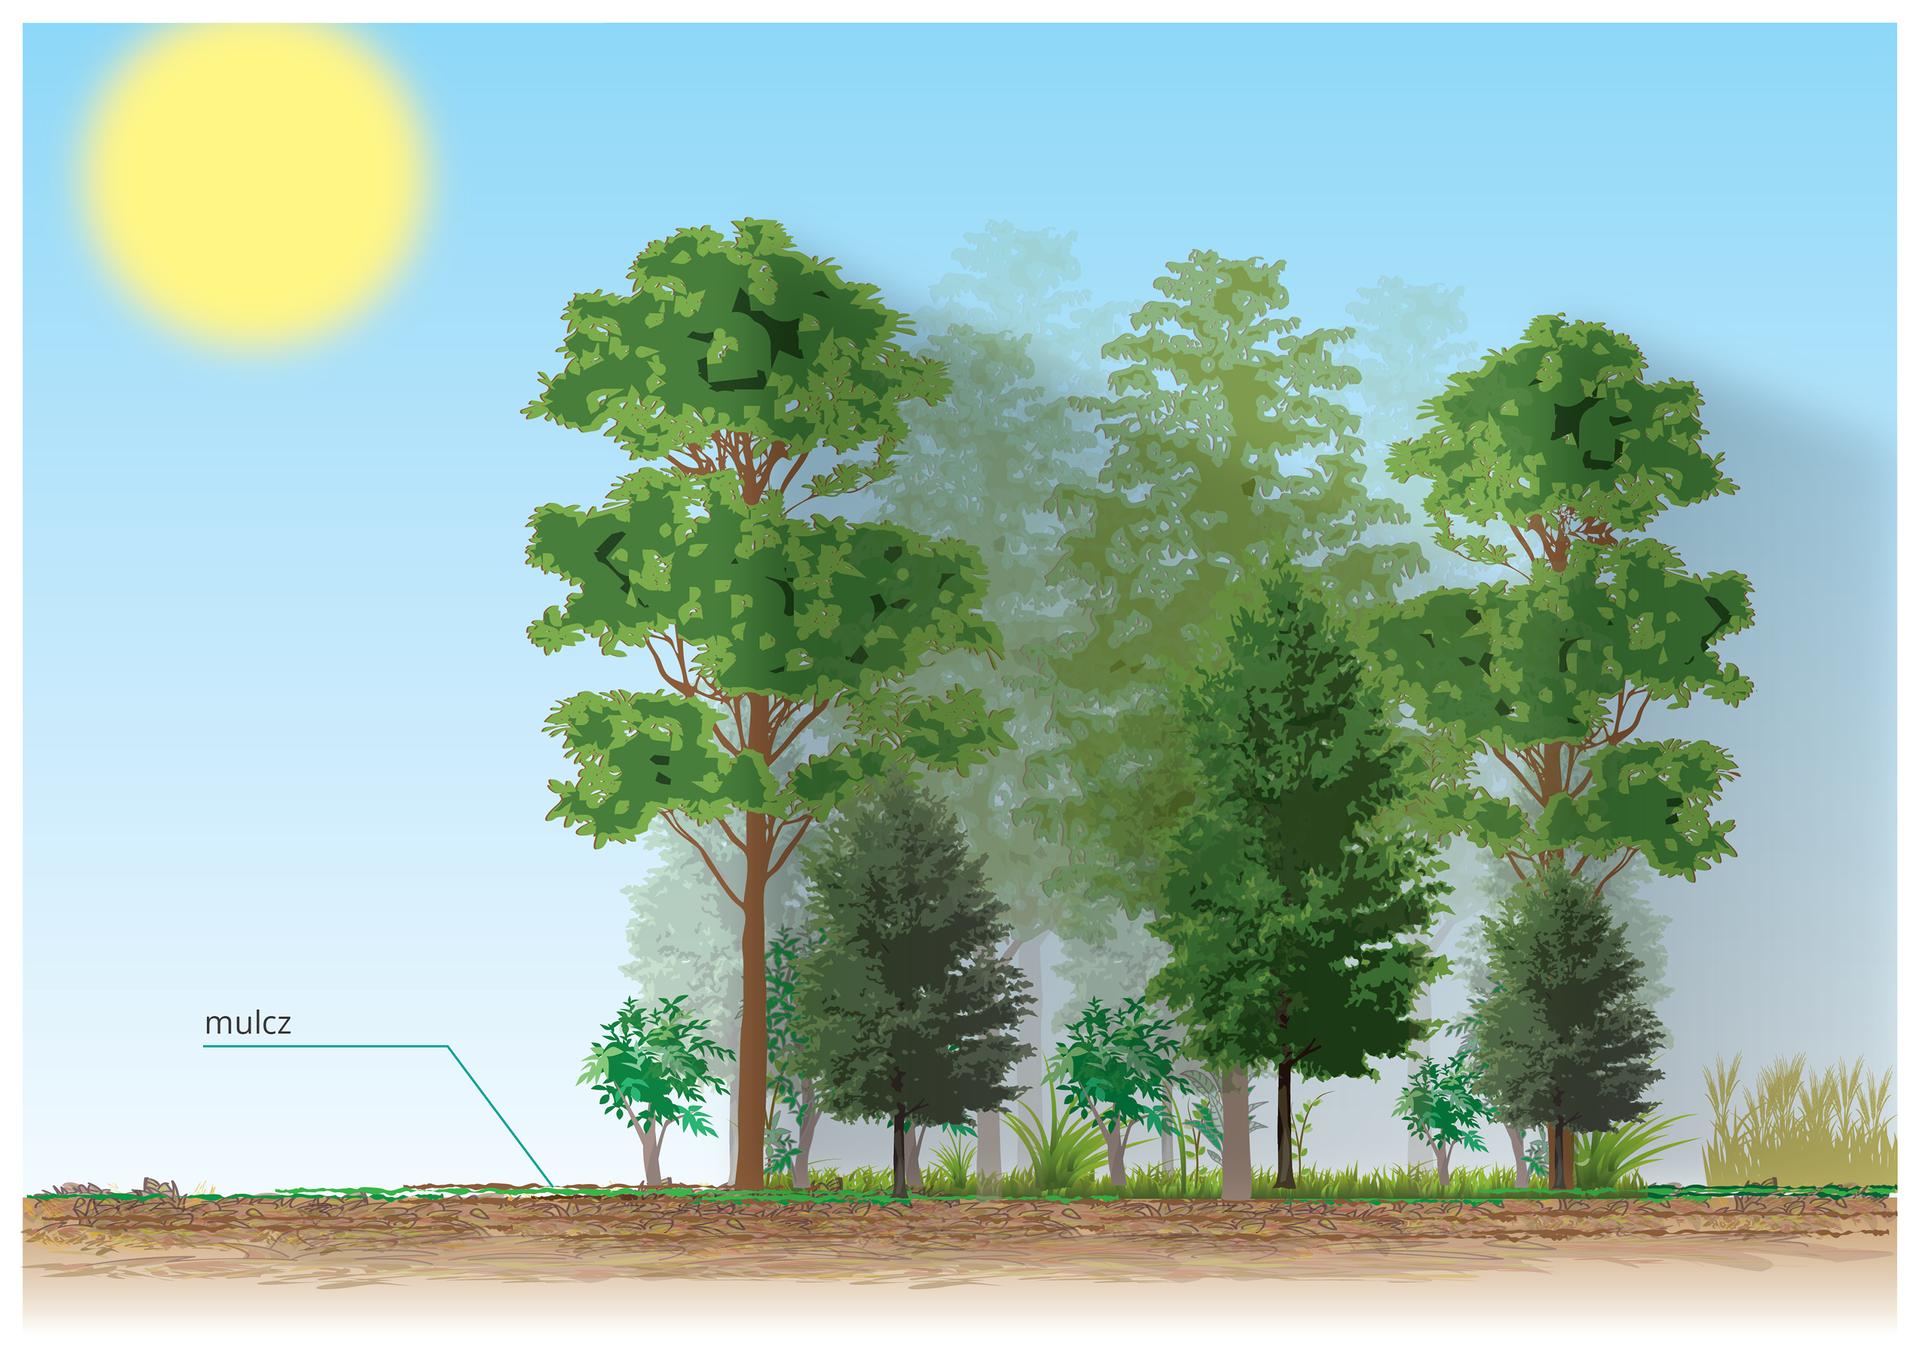 Na ilustracji las mieszany, różnej wielości drzewa, krzewy idrobne rośliny. Kreską zaznaczony ipodpisany mulcz. Na niebie ostre słońce.